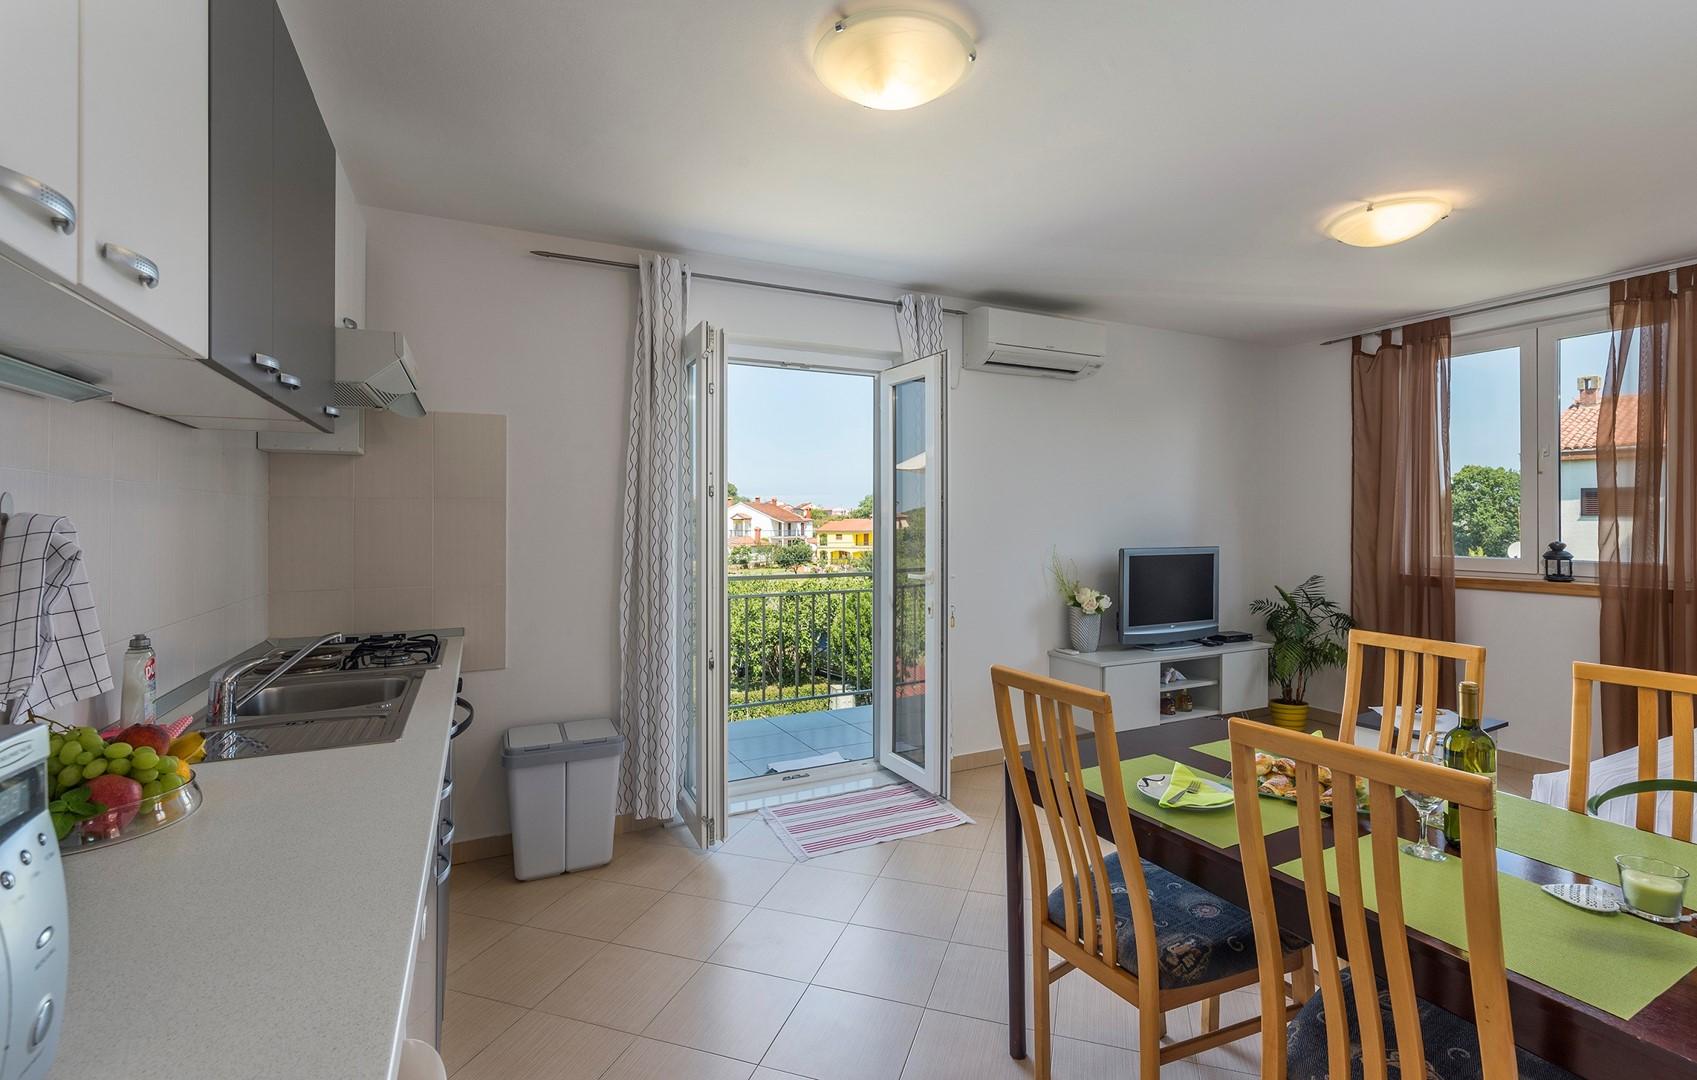 Ferienwohnung Apartnent Nensi mit Balkon (2080952), Vrvari, , Istrien, Kroatien, Bild 1